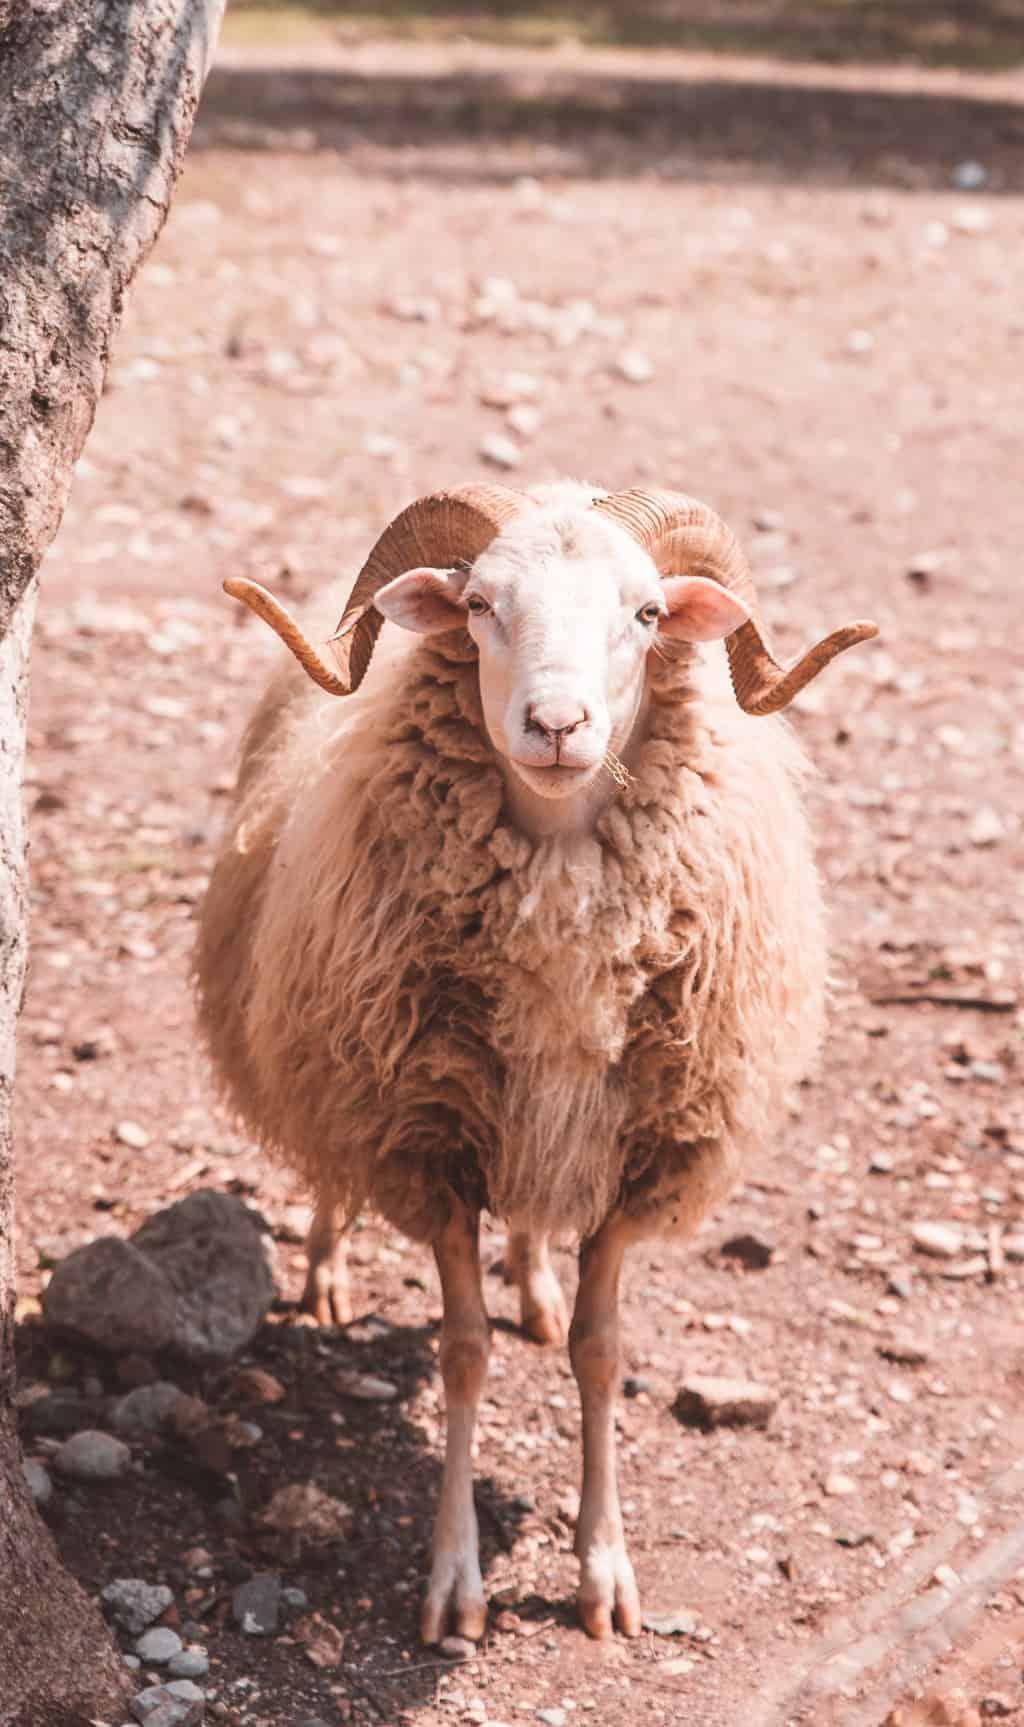 Sheep at Tuent Beach, Mallorca